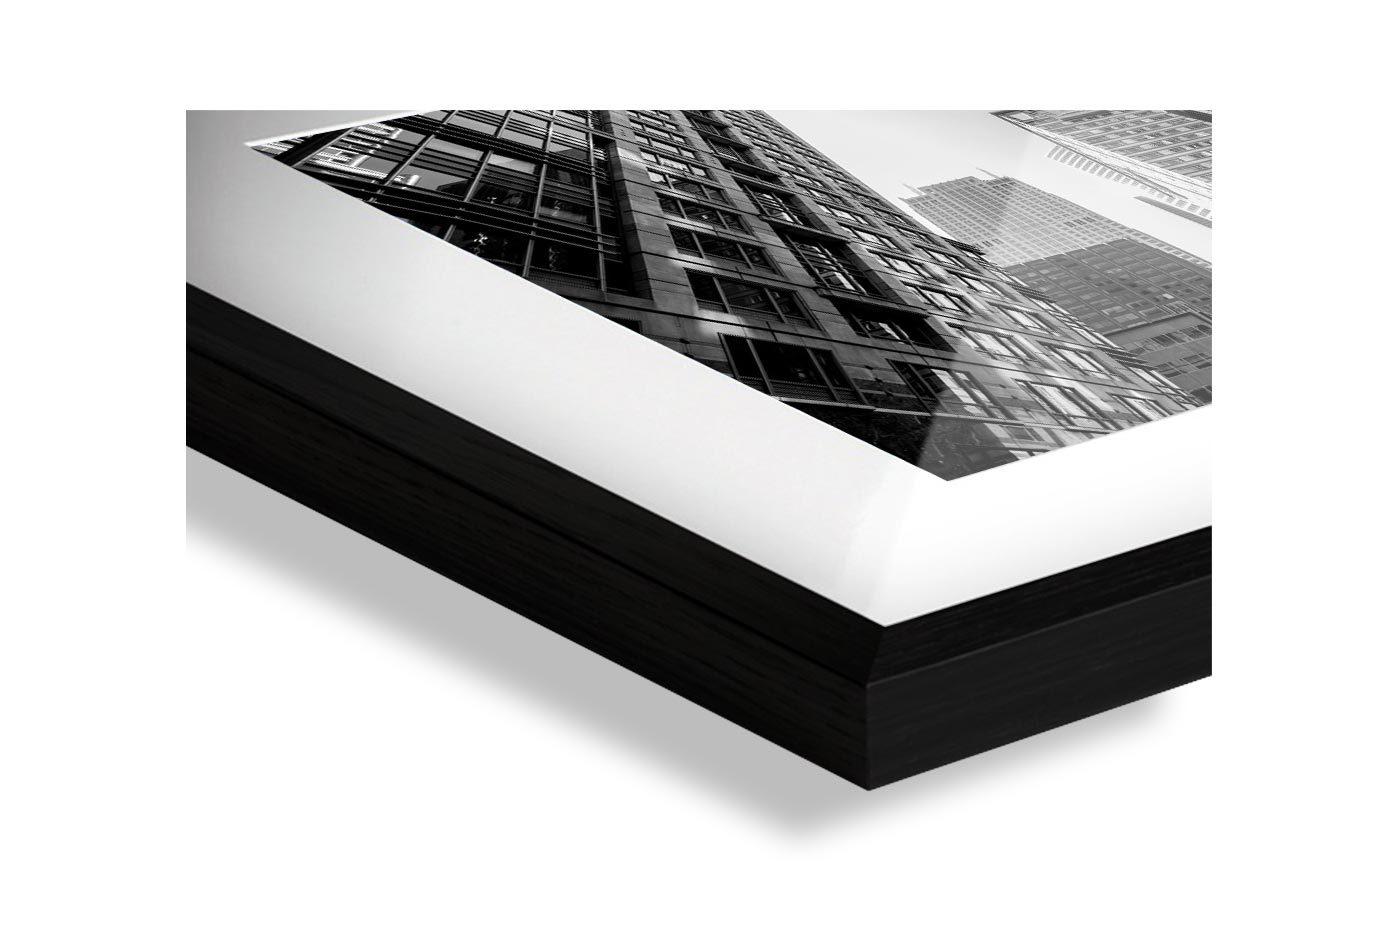 Profil cadre galerie Buildings Chicago